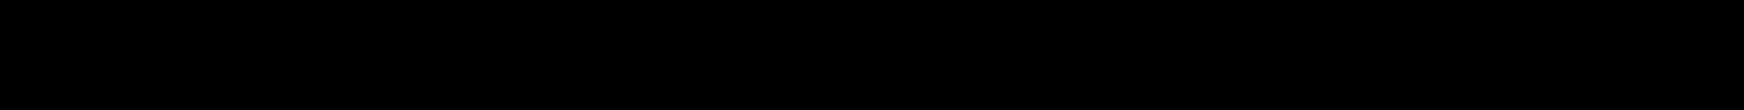 UnitSlabScOffcPro-LightIta.ttf